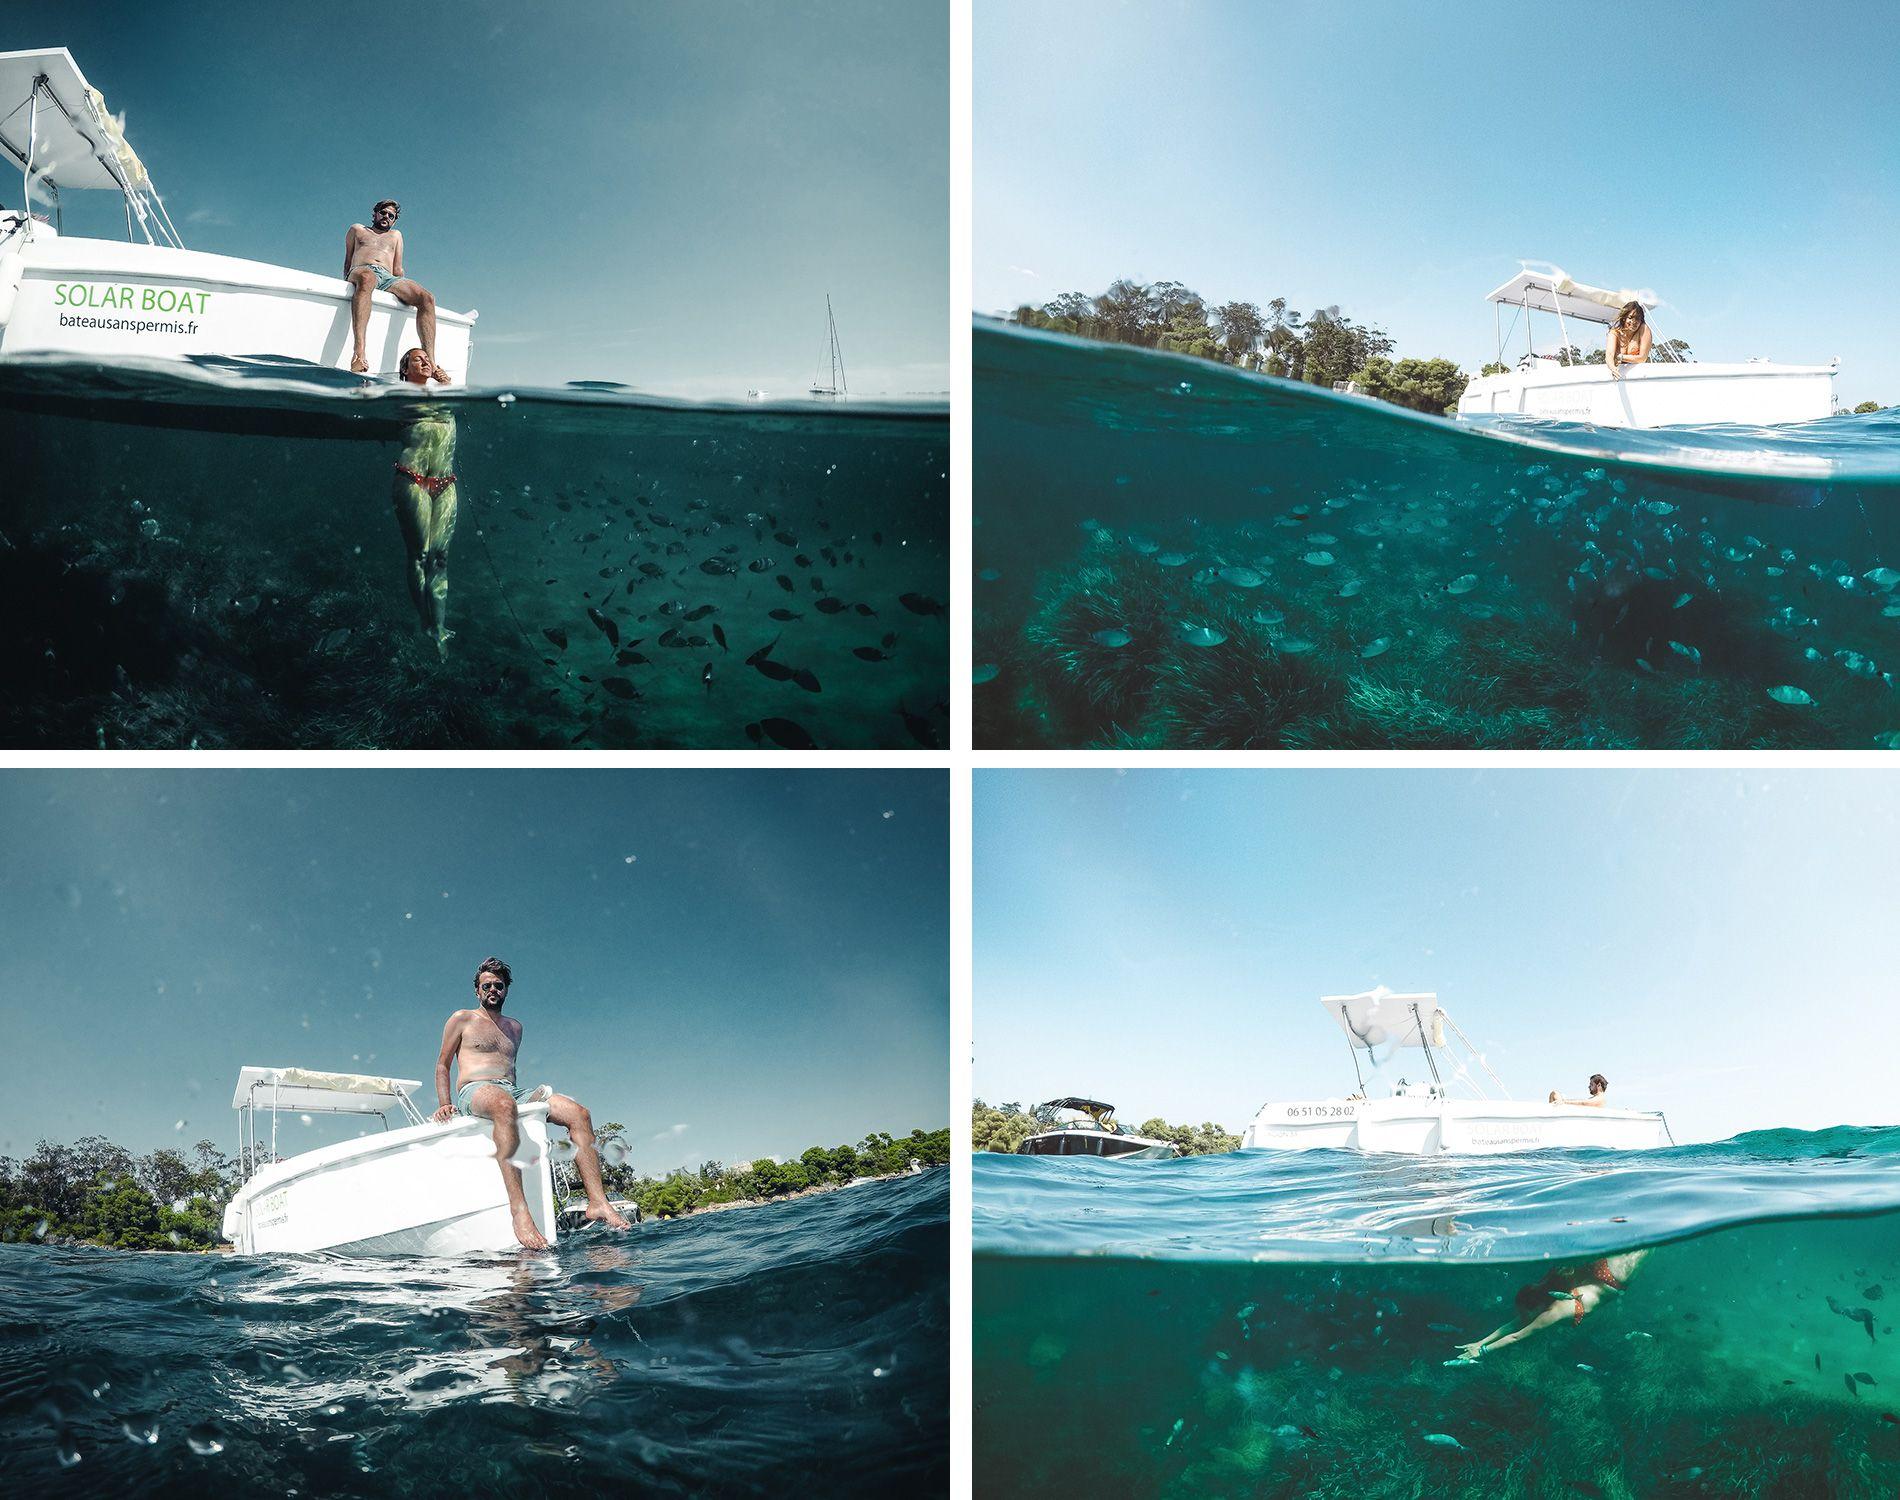 France | Cannes | location | bateau solaire | sans permis | îles lerins